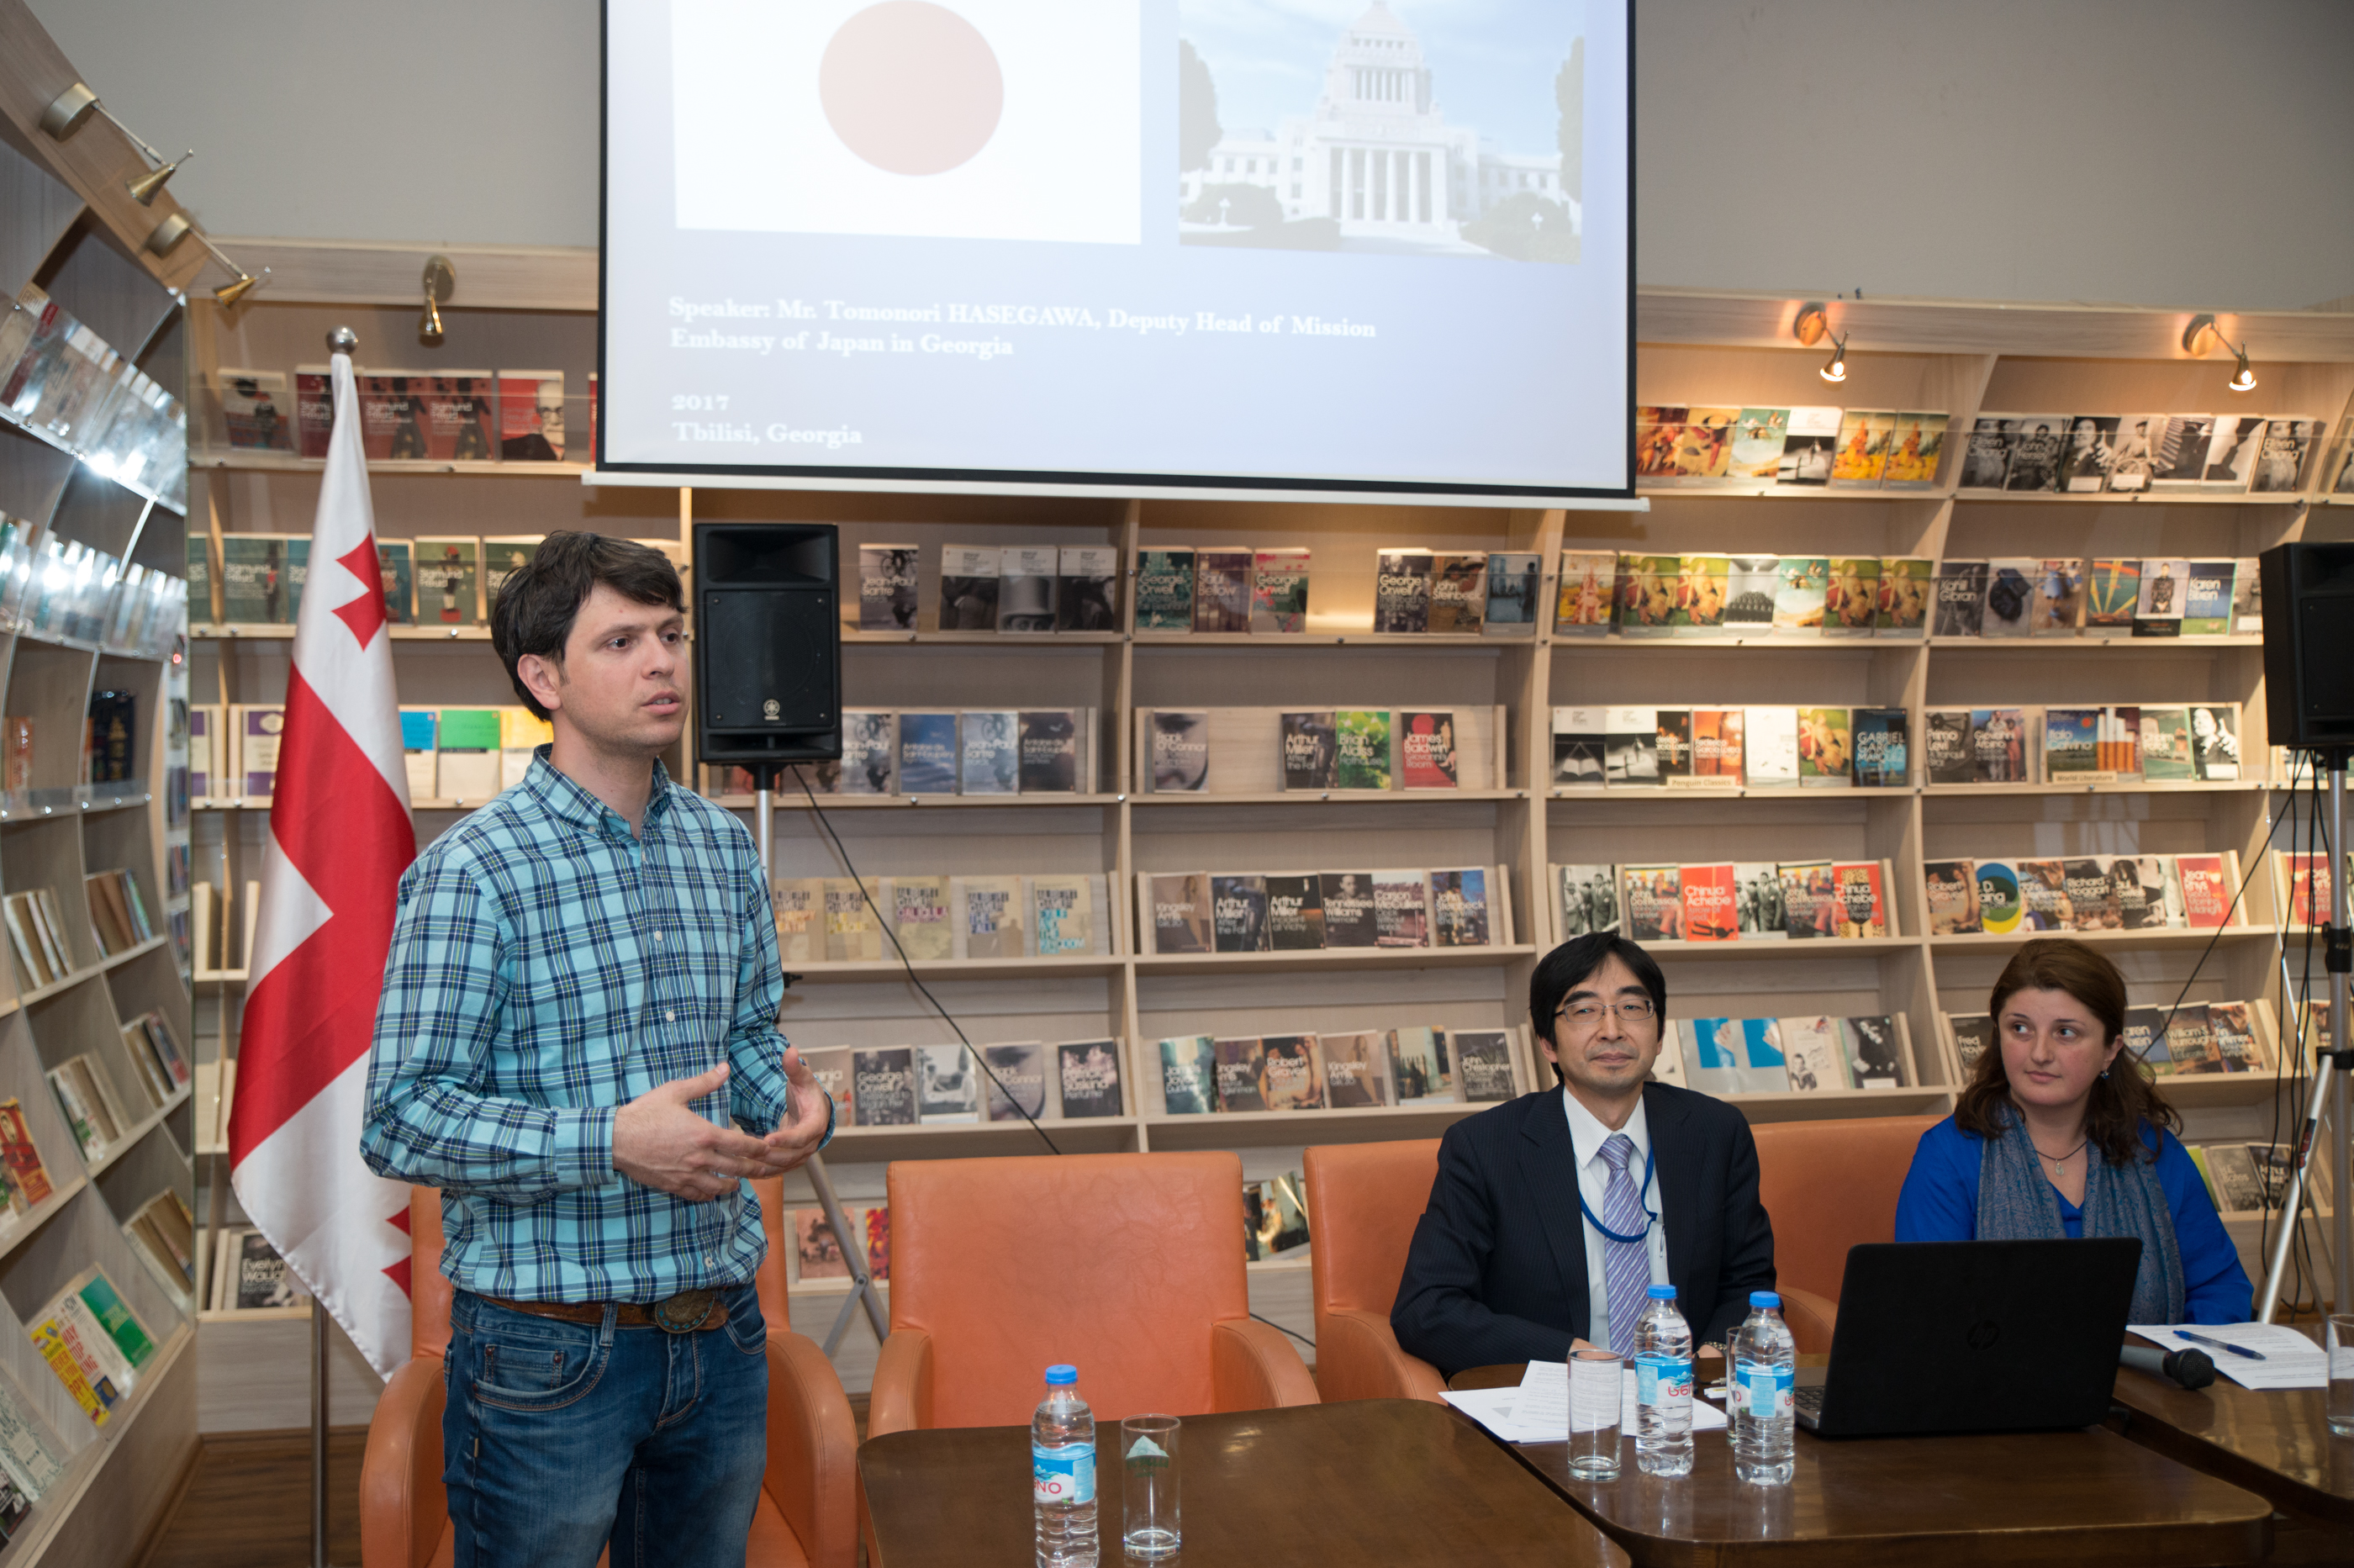 იაპონიის ელჩის მრჩევლის -ტომონორი ჰასეგავას საჯარო ლექცია